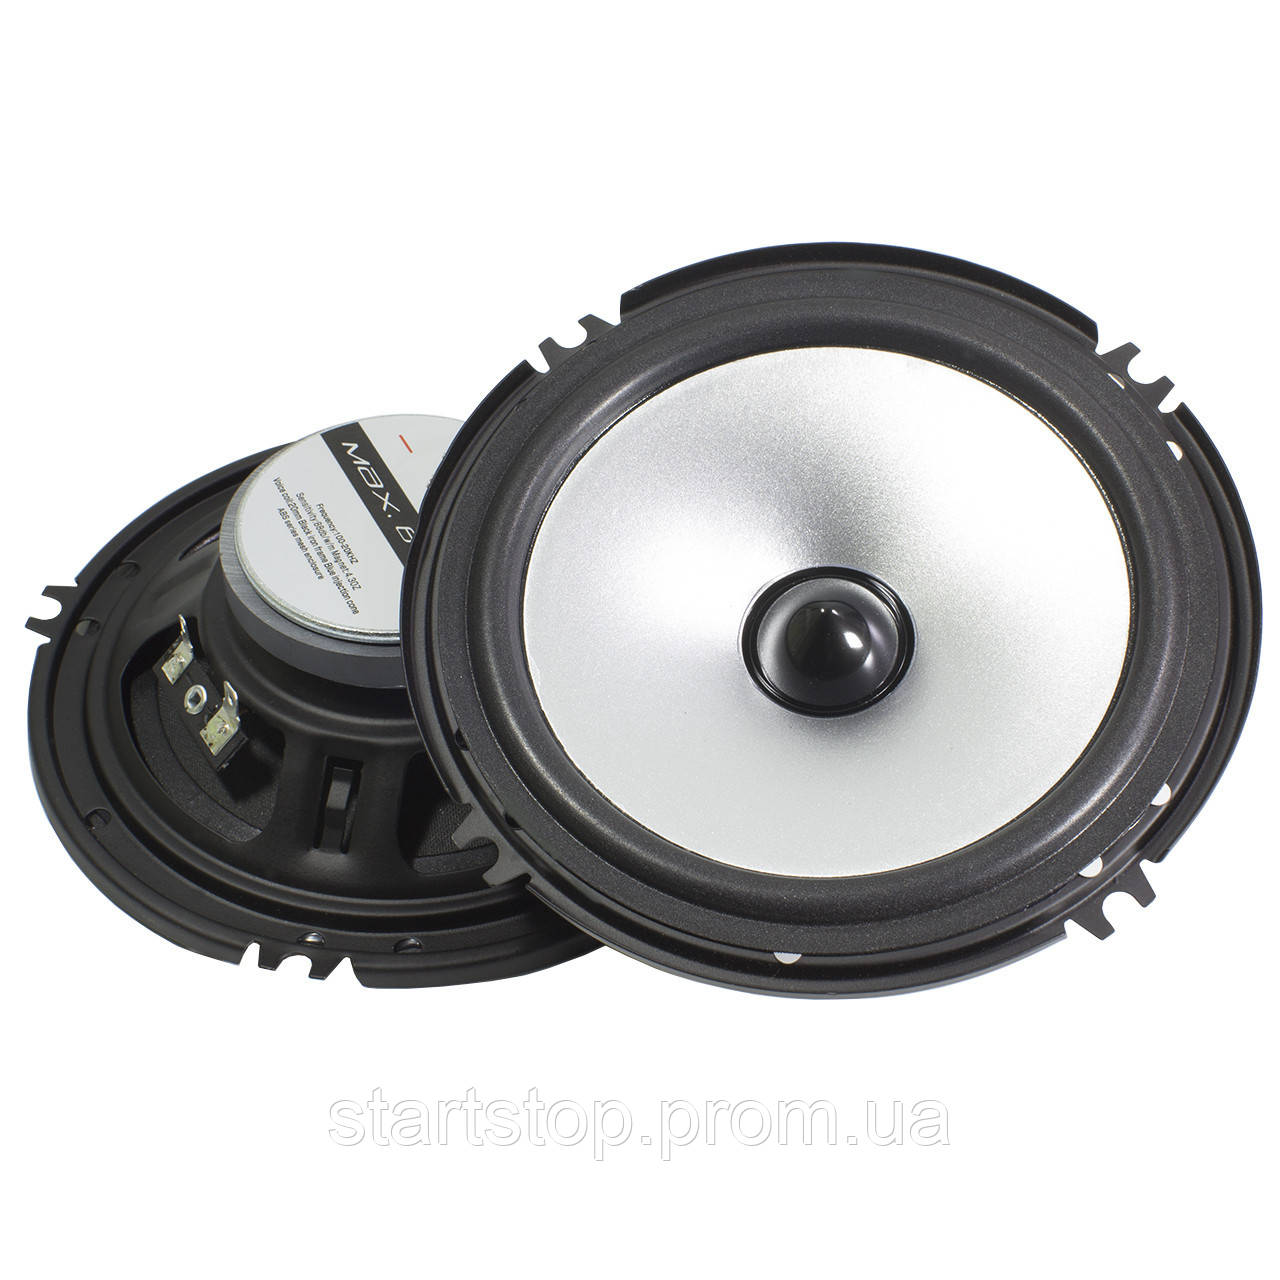 Купить Автоакустика Labo LB-PS1651D колонки мощность 80 Вт мощные стереодинамики 6.5-дюймовые (2399-5638)